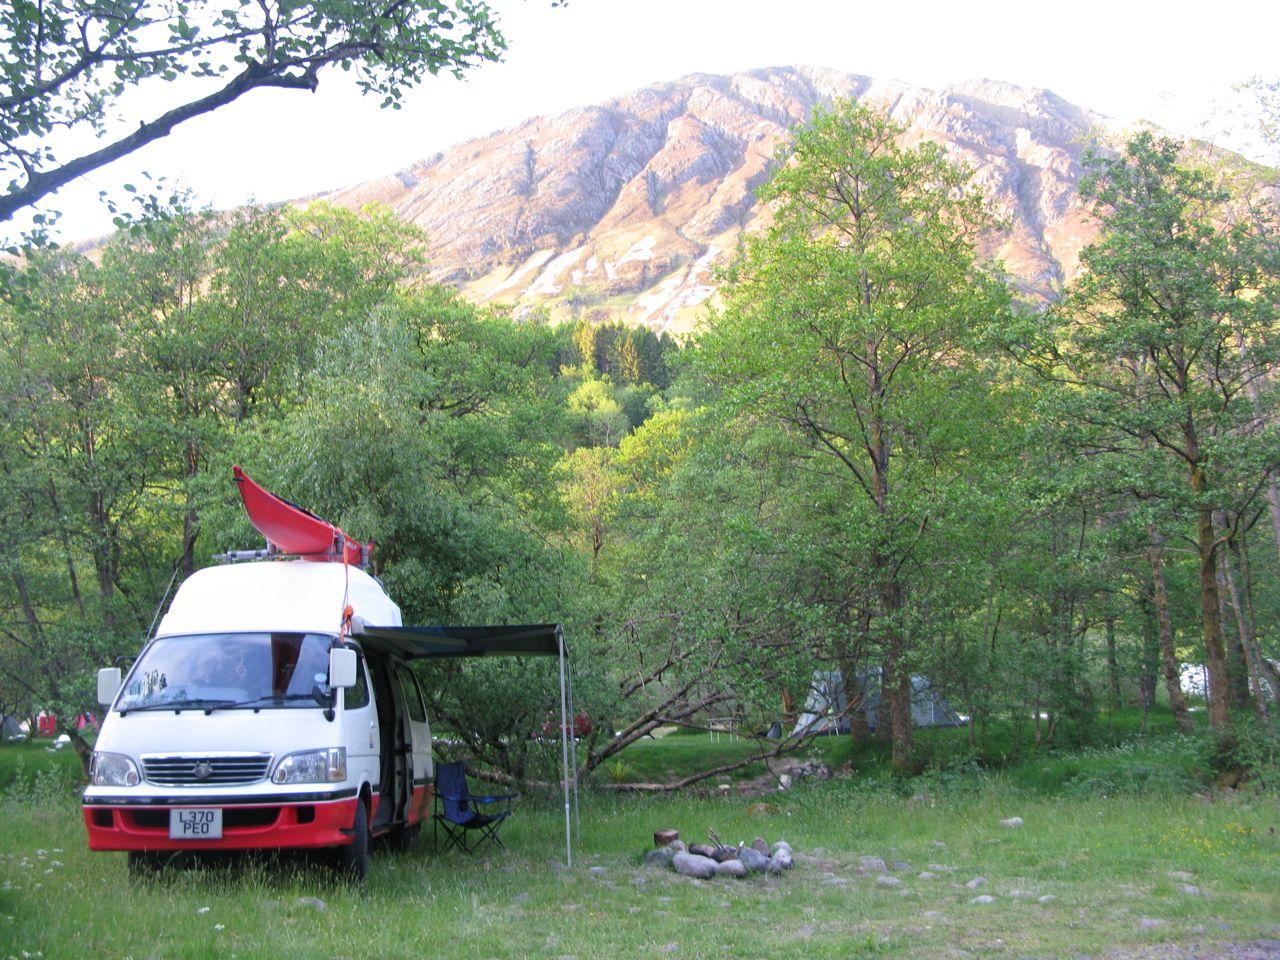 hiace hobo living in a toyota camper van ardmore forest. Black Bedroom Furniture Sets. Home Design Ideas